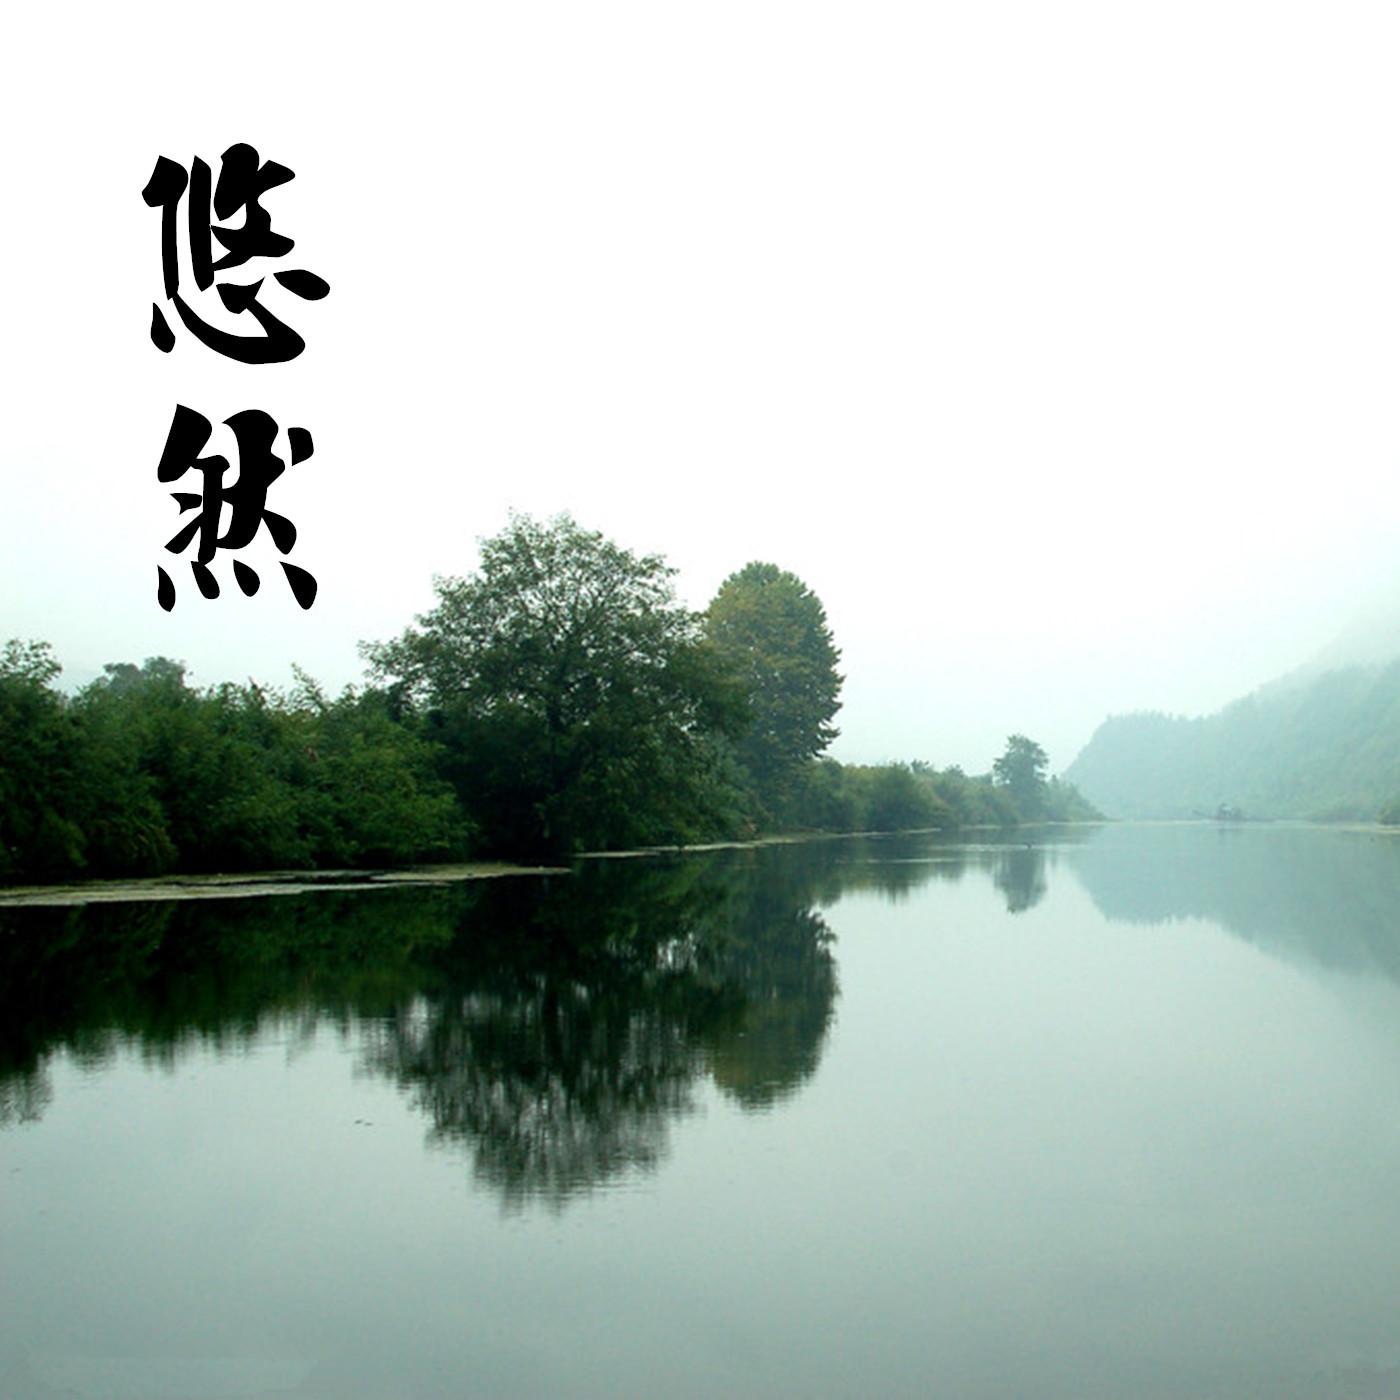 青青子矜txt_青青的悠然图片展示_青青的悠然相关图片下载